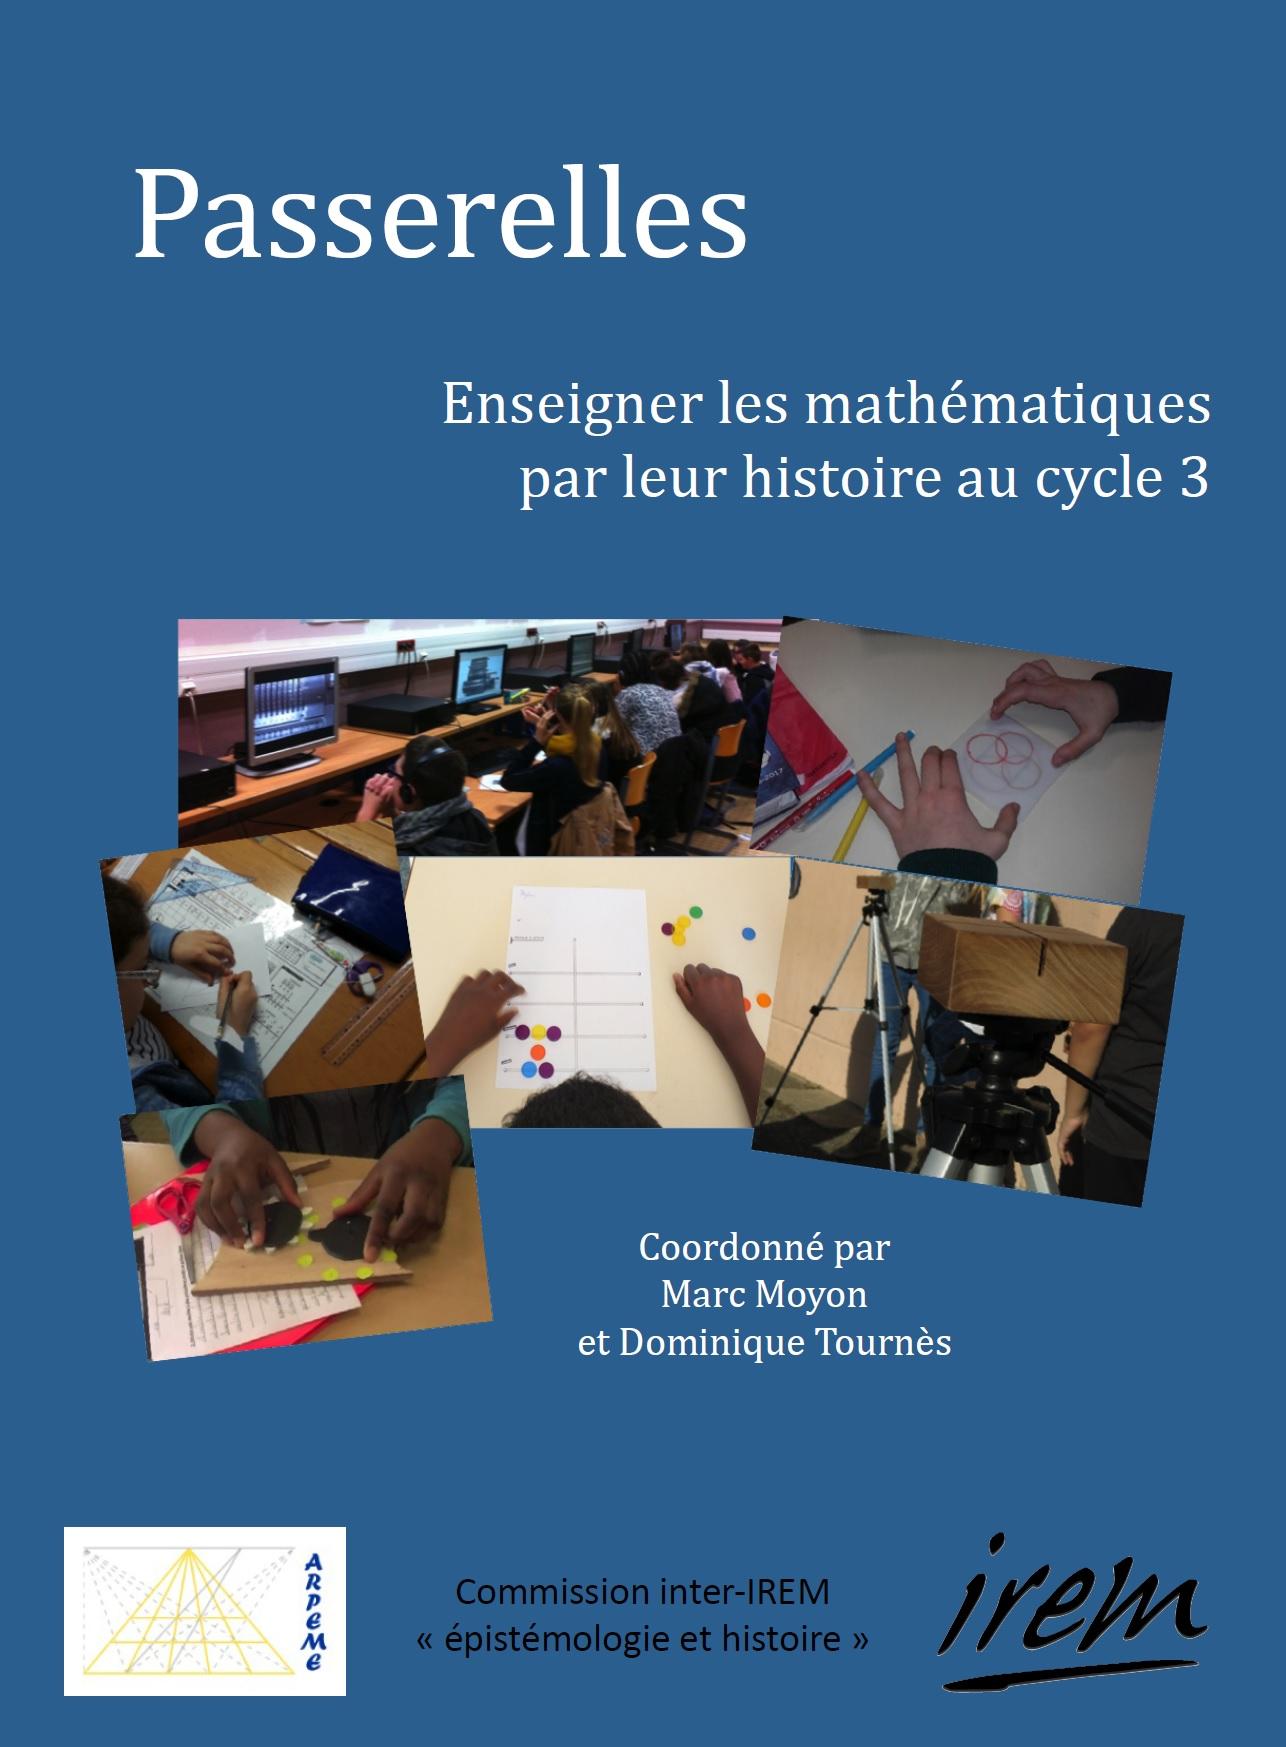 Passerelles, Enseigner les mathématiques par leur histoire au cycle 3